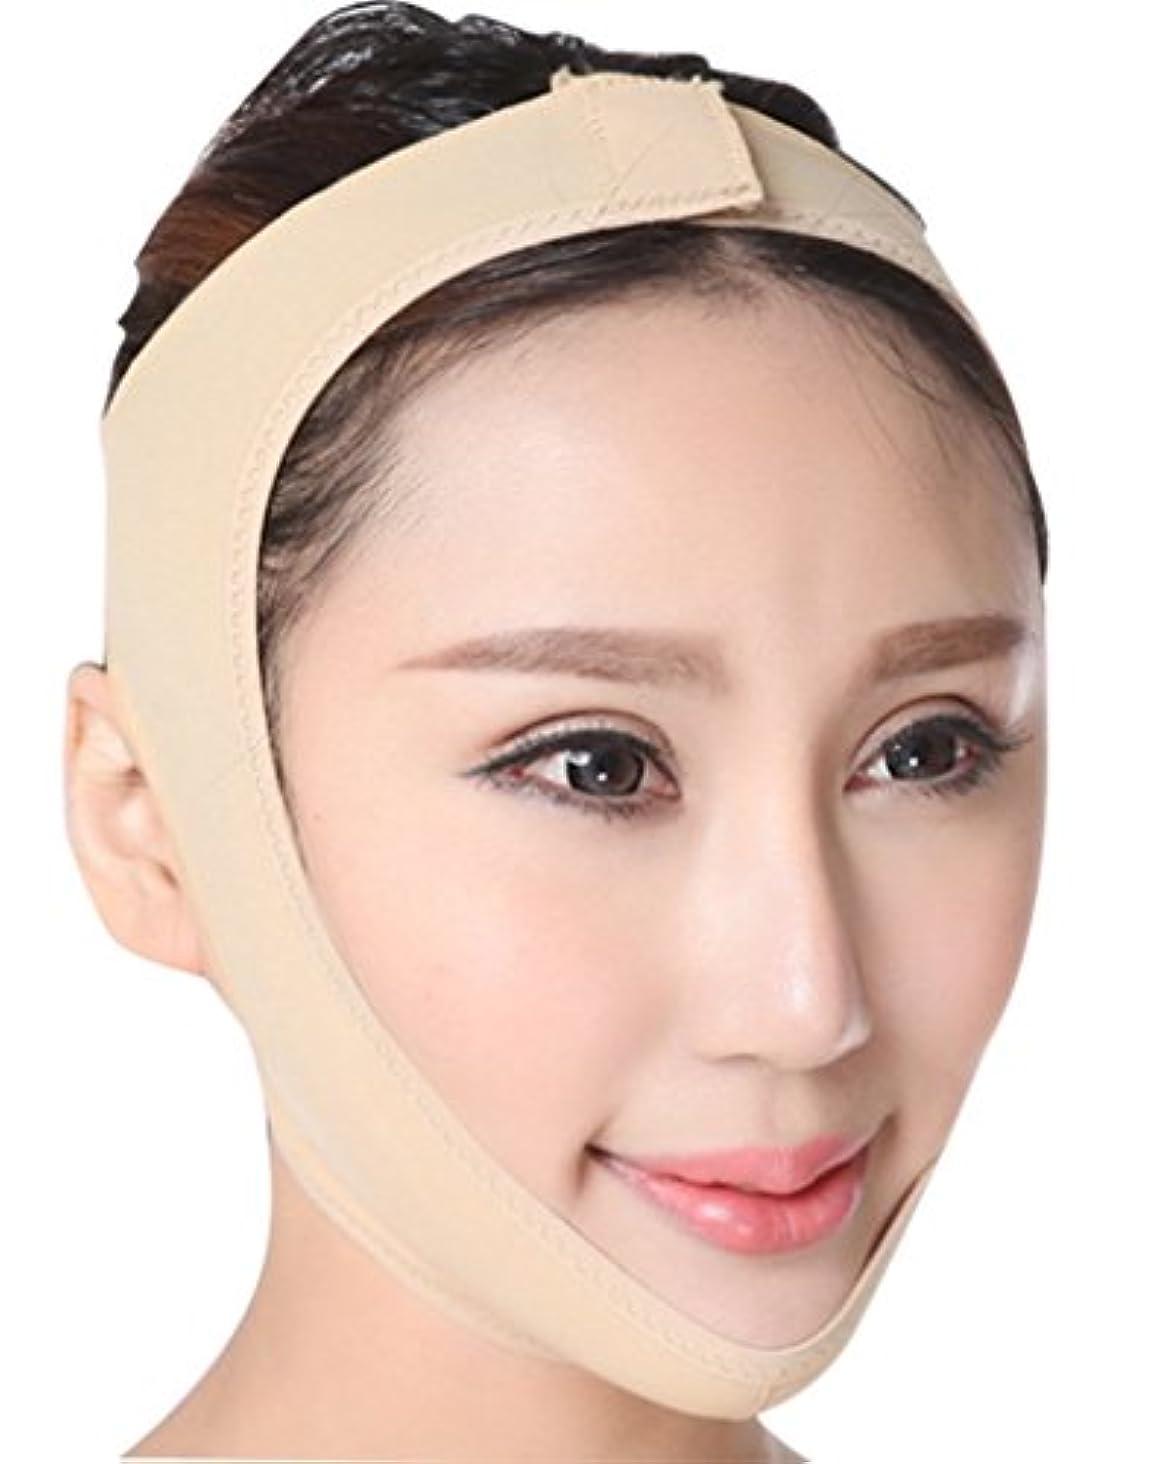 豊富頻繁に積極的にフェイスラインベルト M/L/XLサイズ 抗シワ 額、顎下、頬リフトアップ 小顔 美顔 頬のたるみ 引き上げマスク M